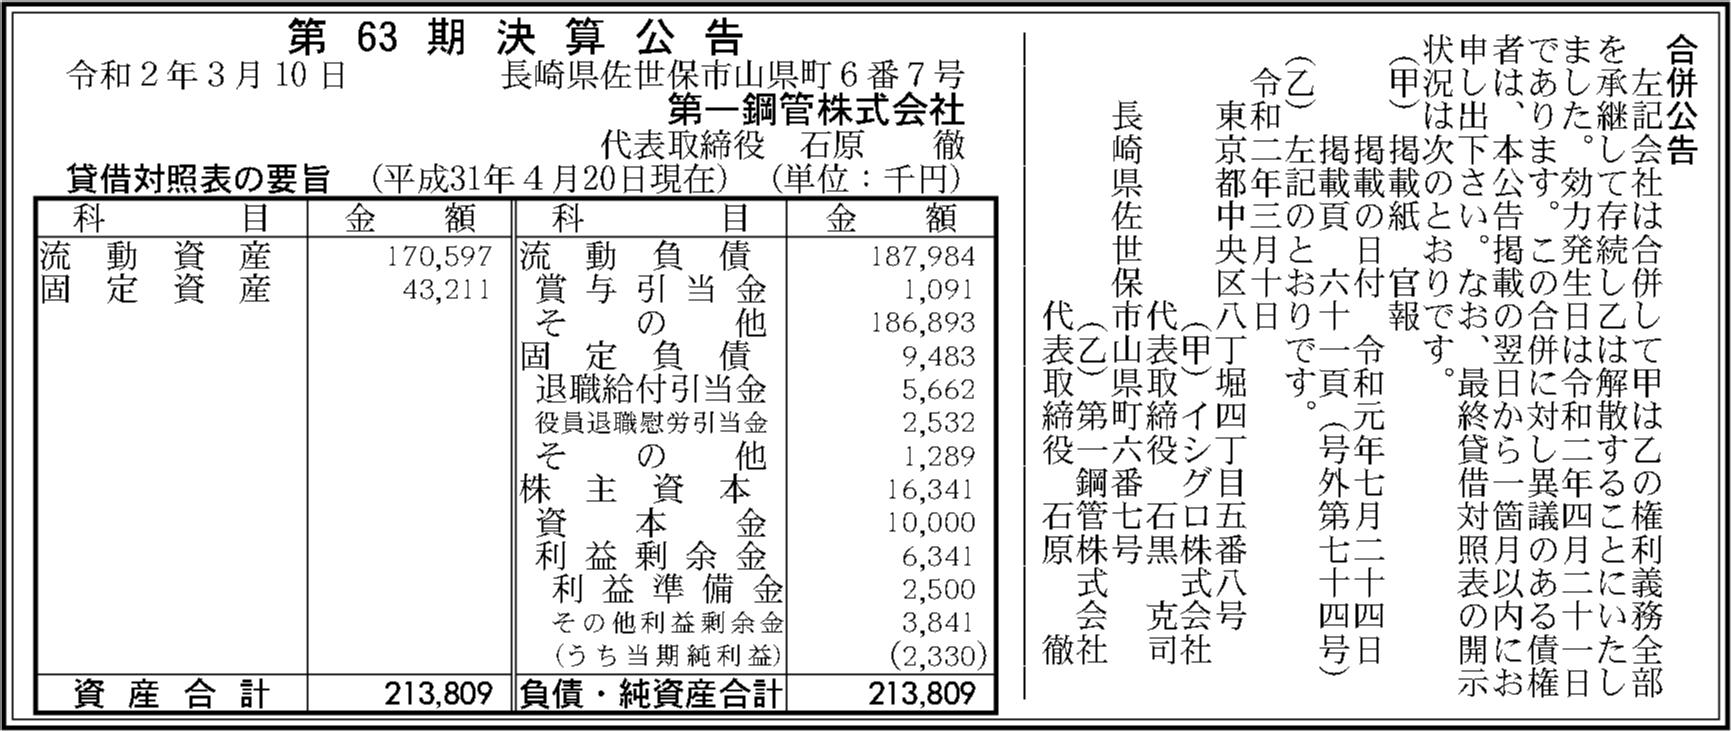 0124 adb67a5556d53a0cd9ee8561d2b4160a819e056898f2701043af8dfb649d566023193ad3e34c5949cb52c26e96621f86d1d3033f5cc16d2edf0d82054ab072d3 07